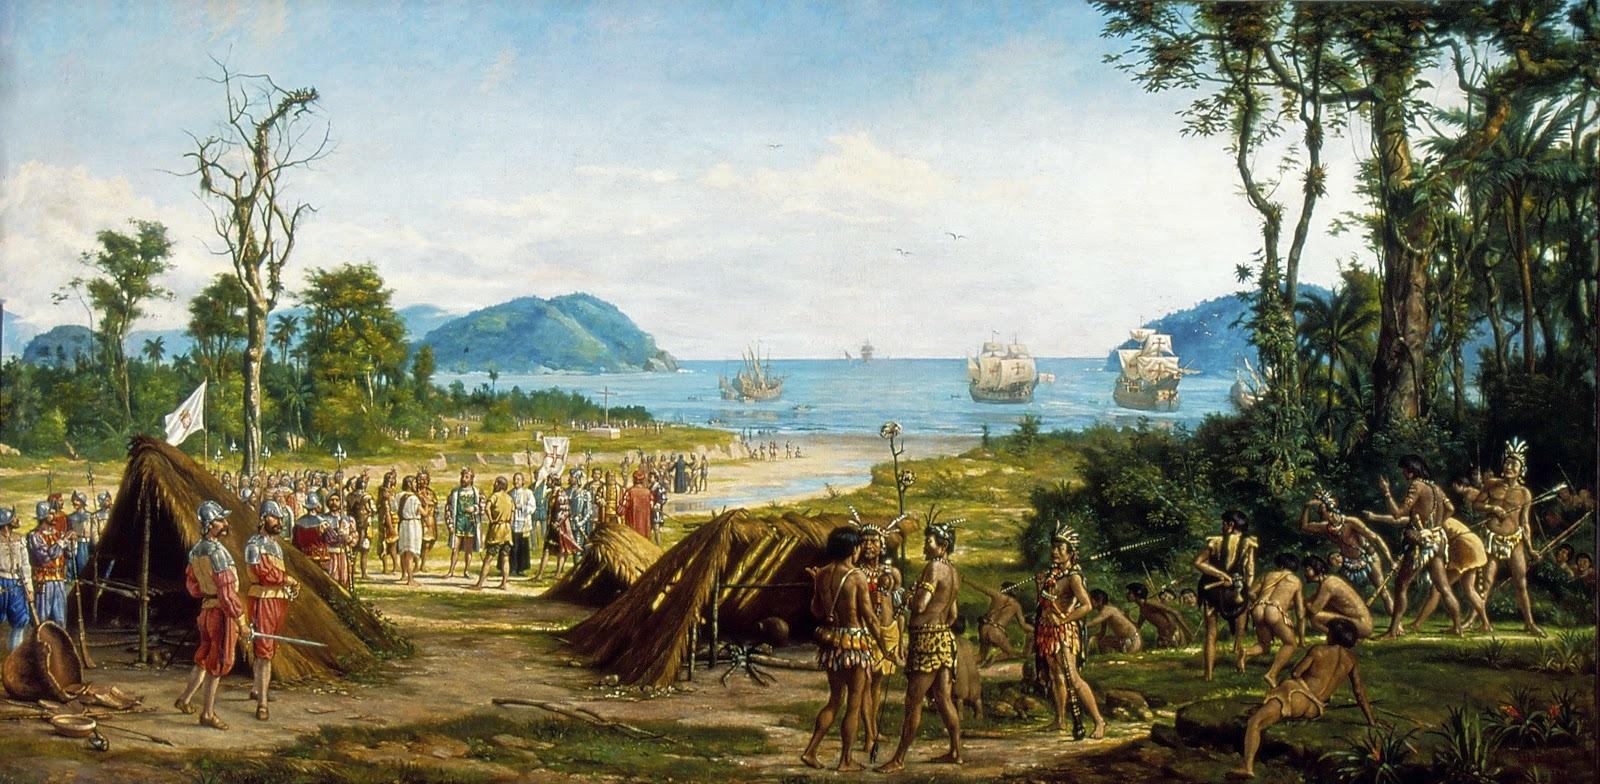 Benedito_Calixto_de_Jesus_-_Fundação_de_São_Vicente_Acervo_do_Museu_Paulista_da_USP